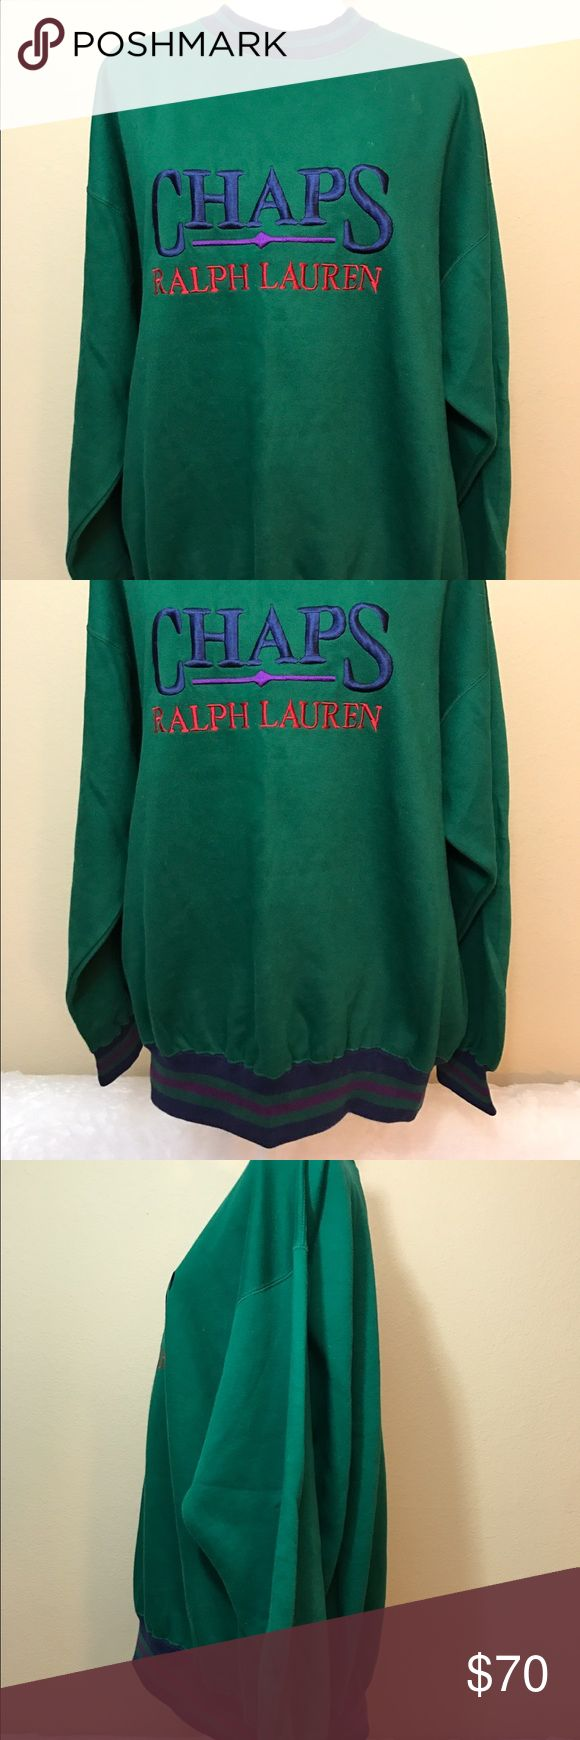 Vintage 90s Chaps Ralph Lauren sweatshirt Great condition Ralph Lauren Jackets & Coats